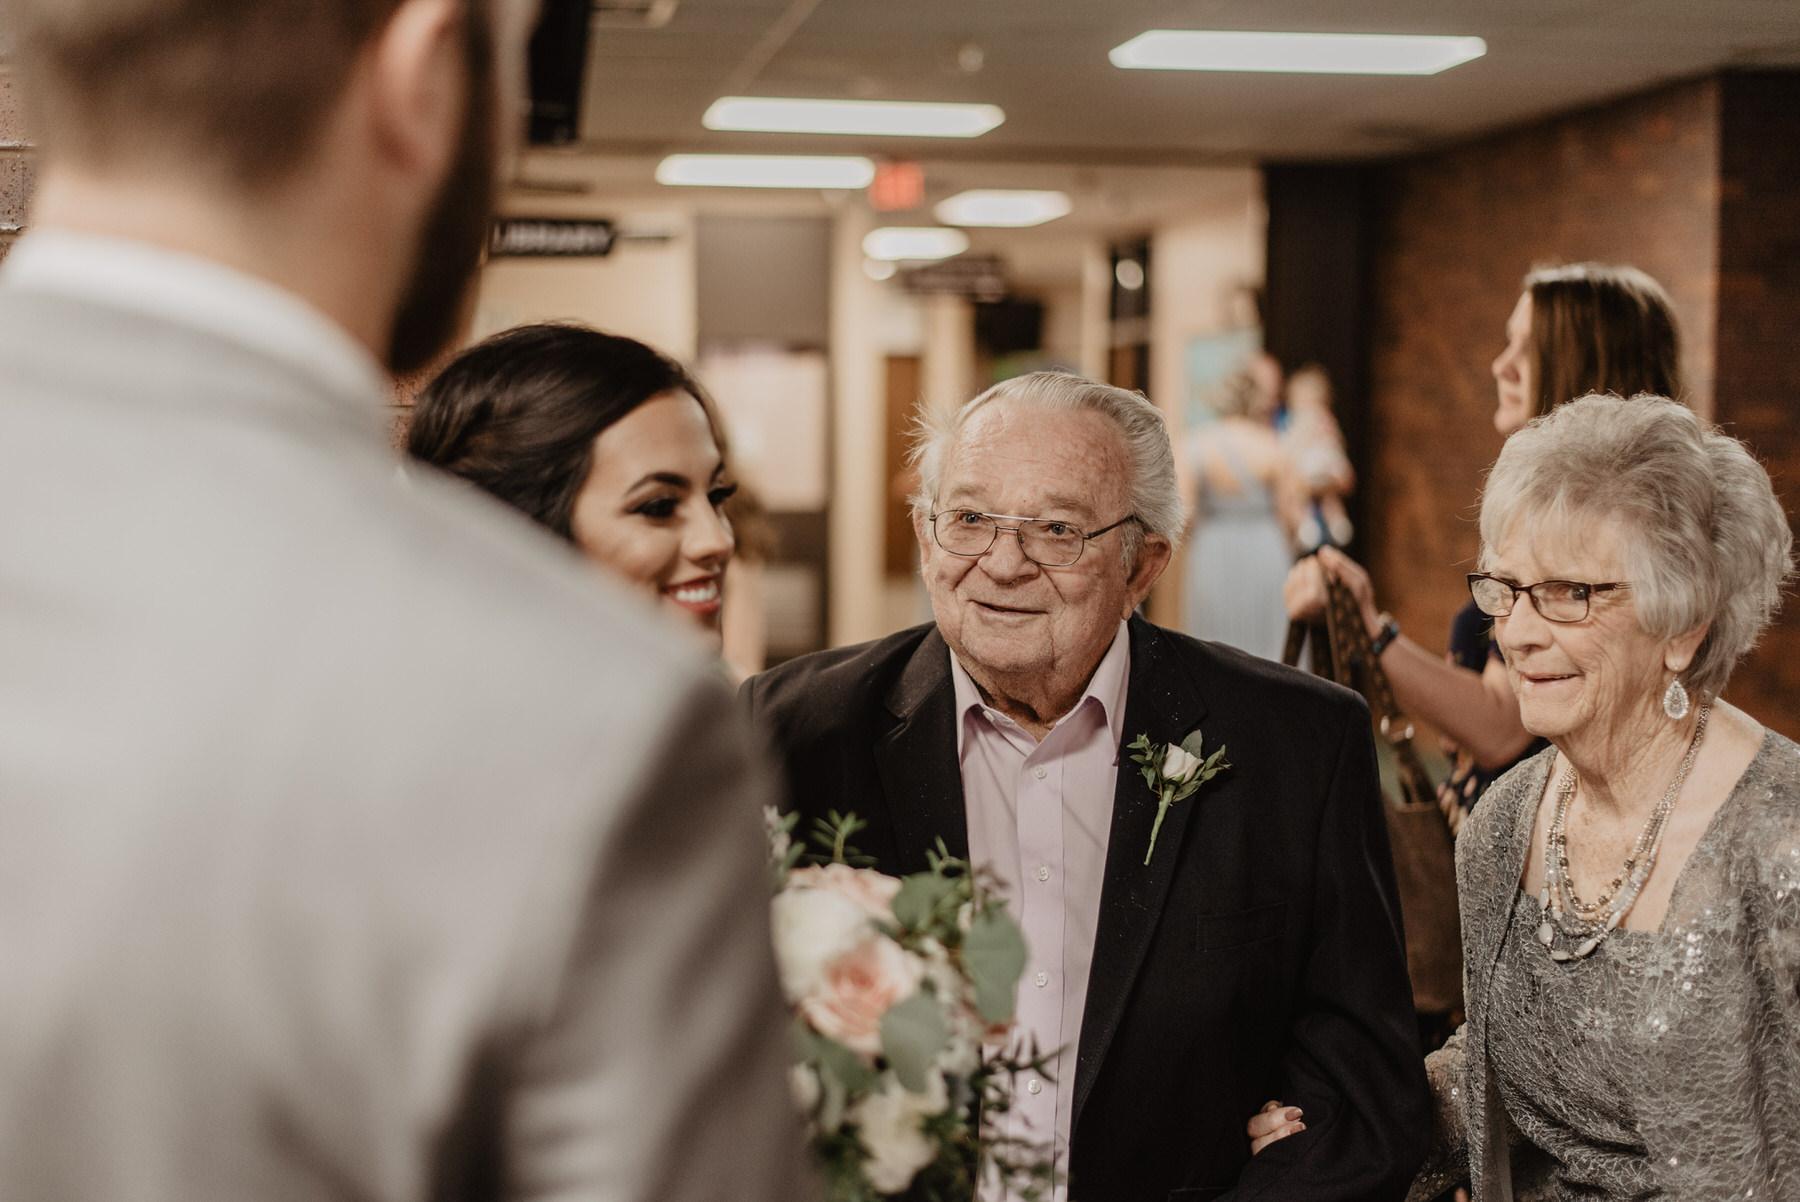 Kaylie-Sirek-Photography-Kearney-Nebraska-Wedding-057.jpg